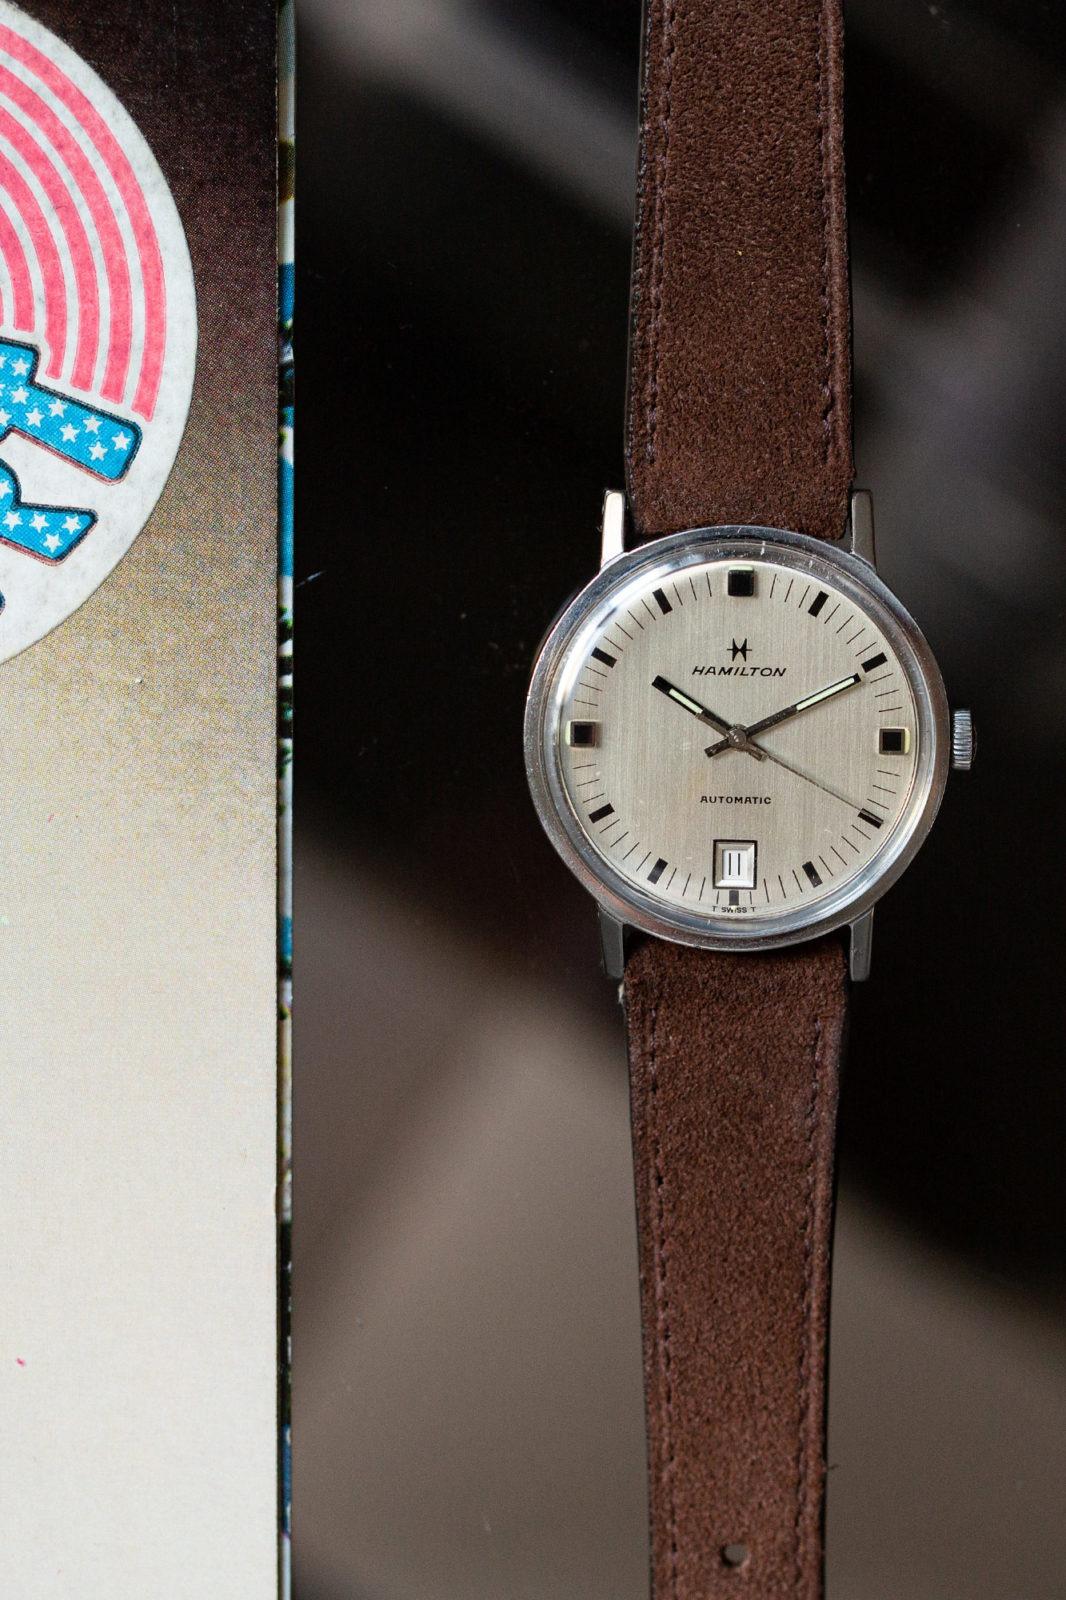 Hamilton Automatic Date - Sélection de montres vintage Joseph Bonnie